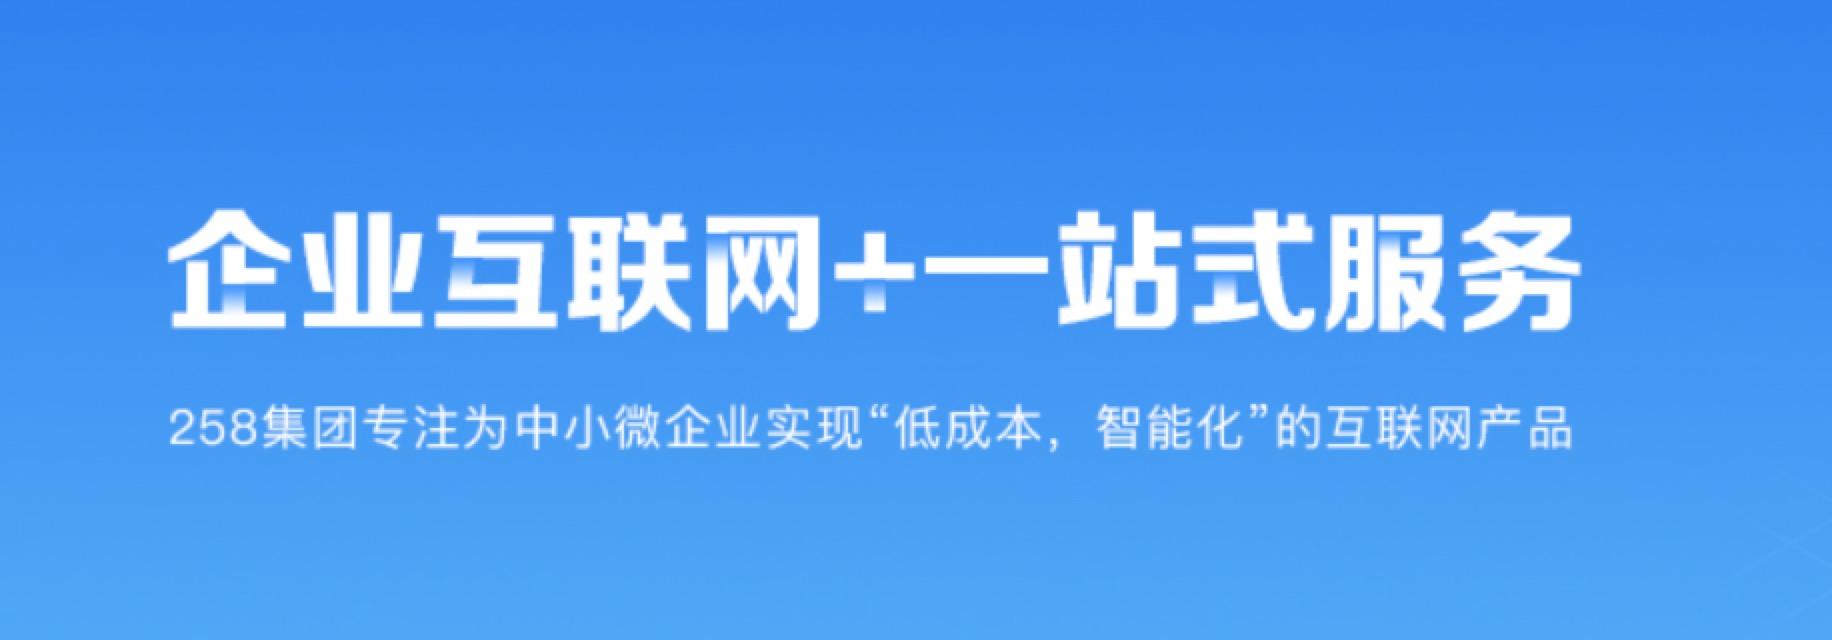 厦门知名的海外营销推广 海外营销工具